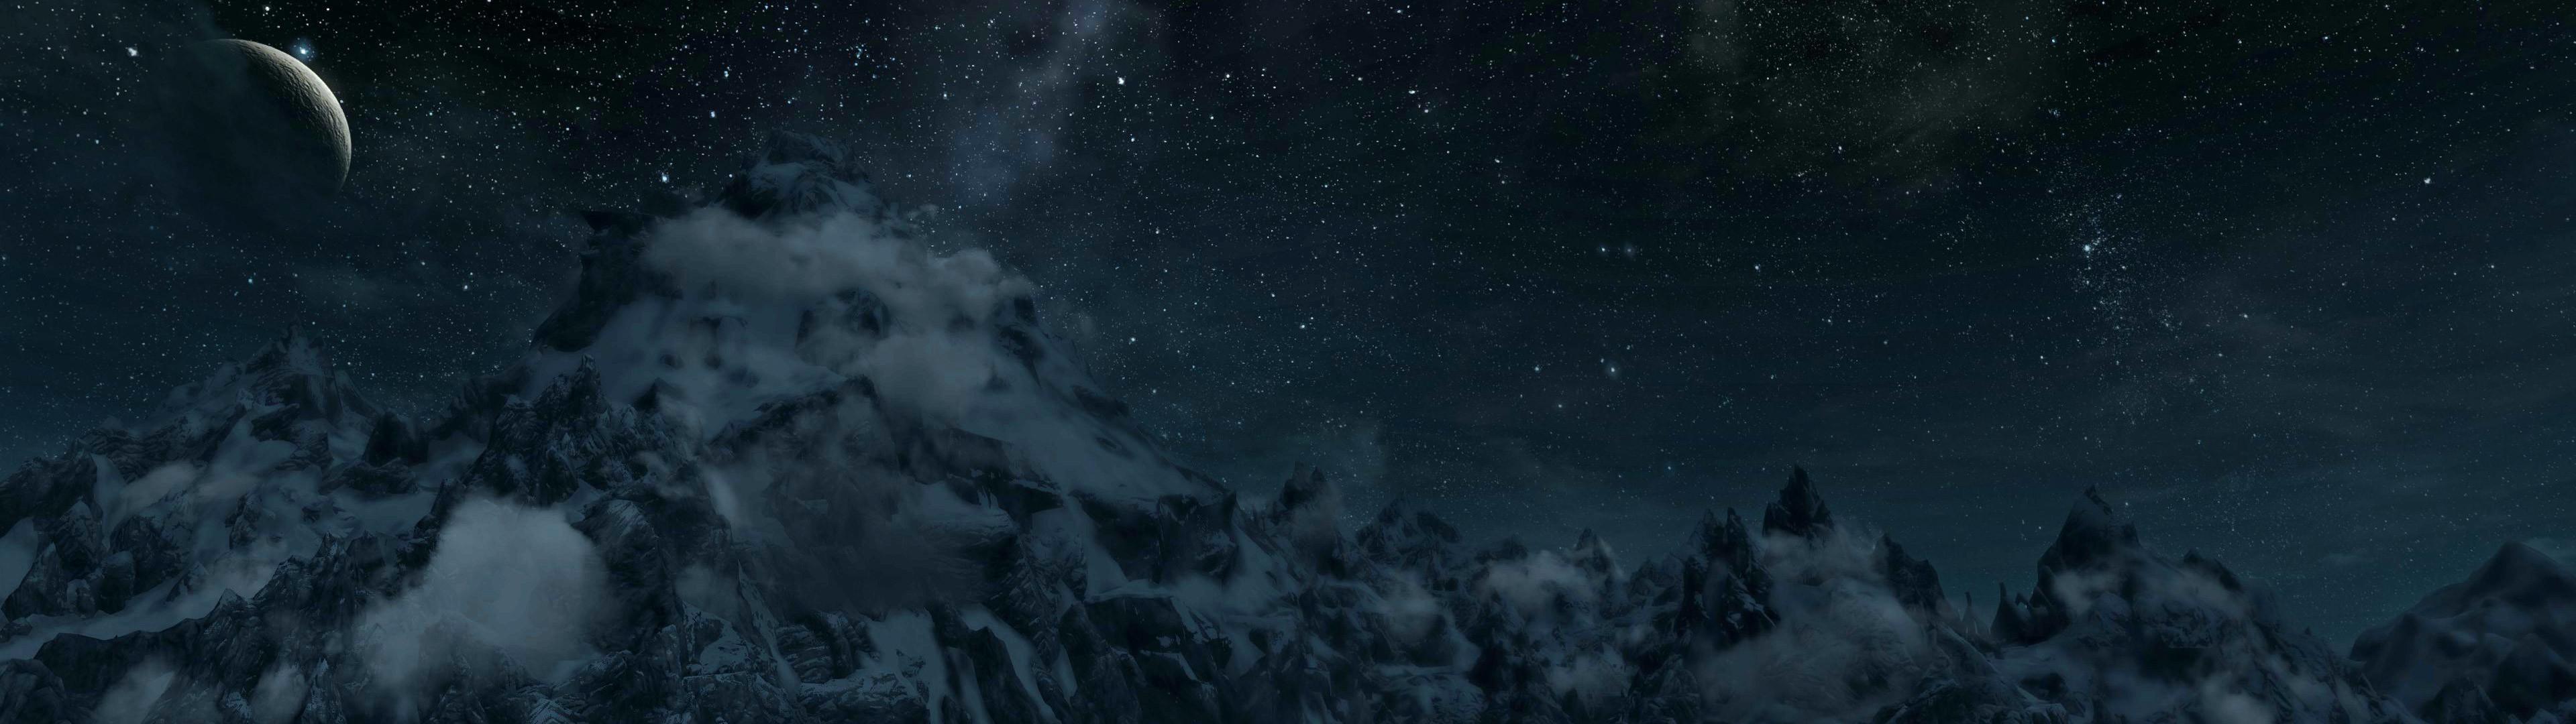 Skyrim mountain range panorama (dual screen wallpaper I made) [3840×1080]  …